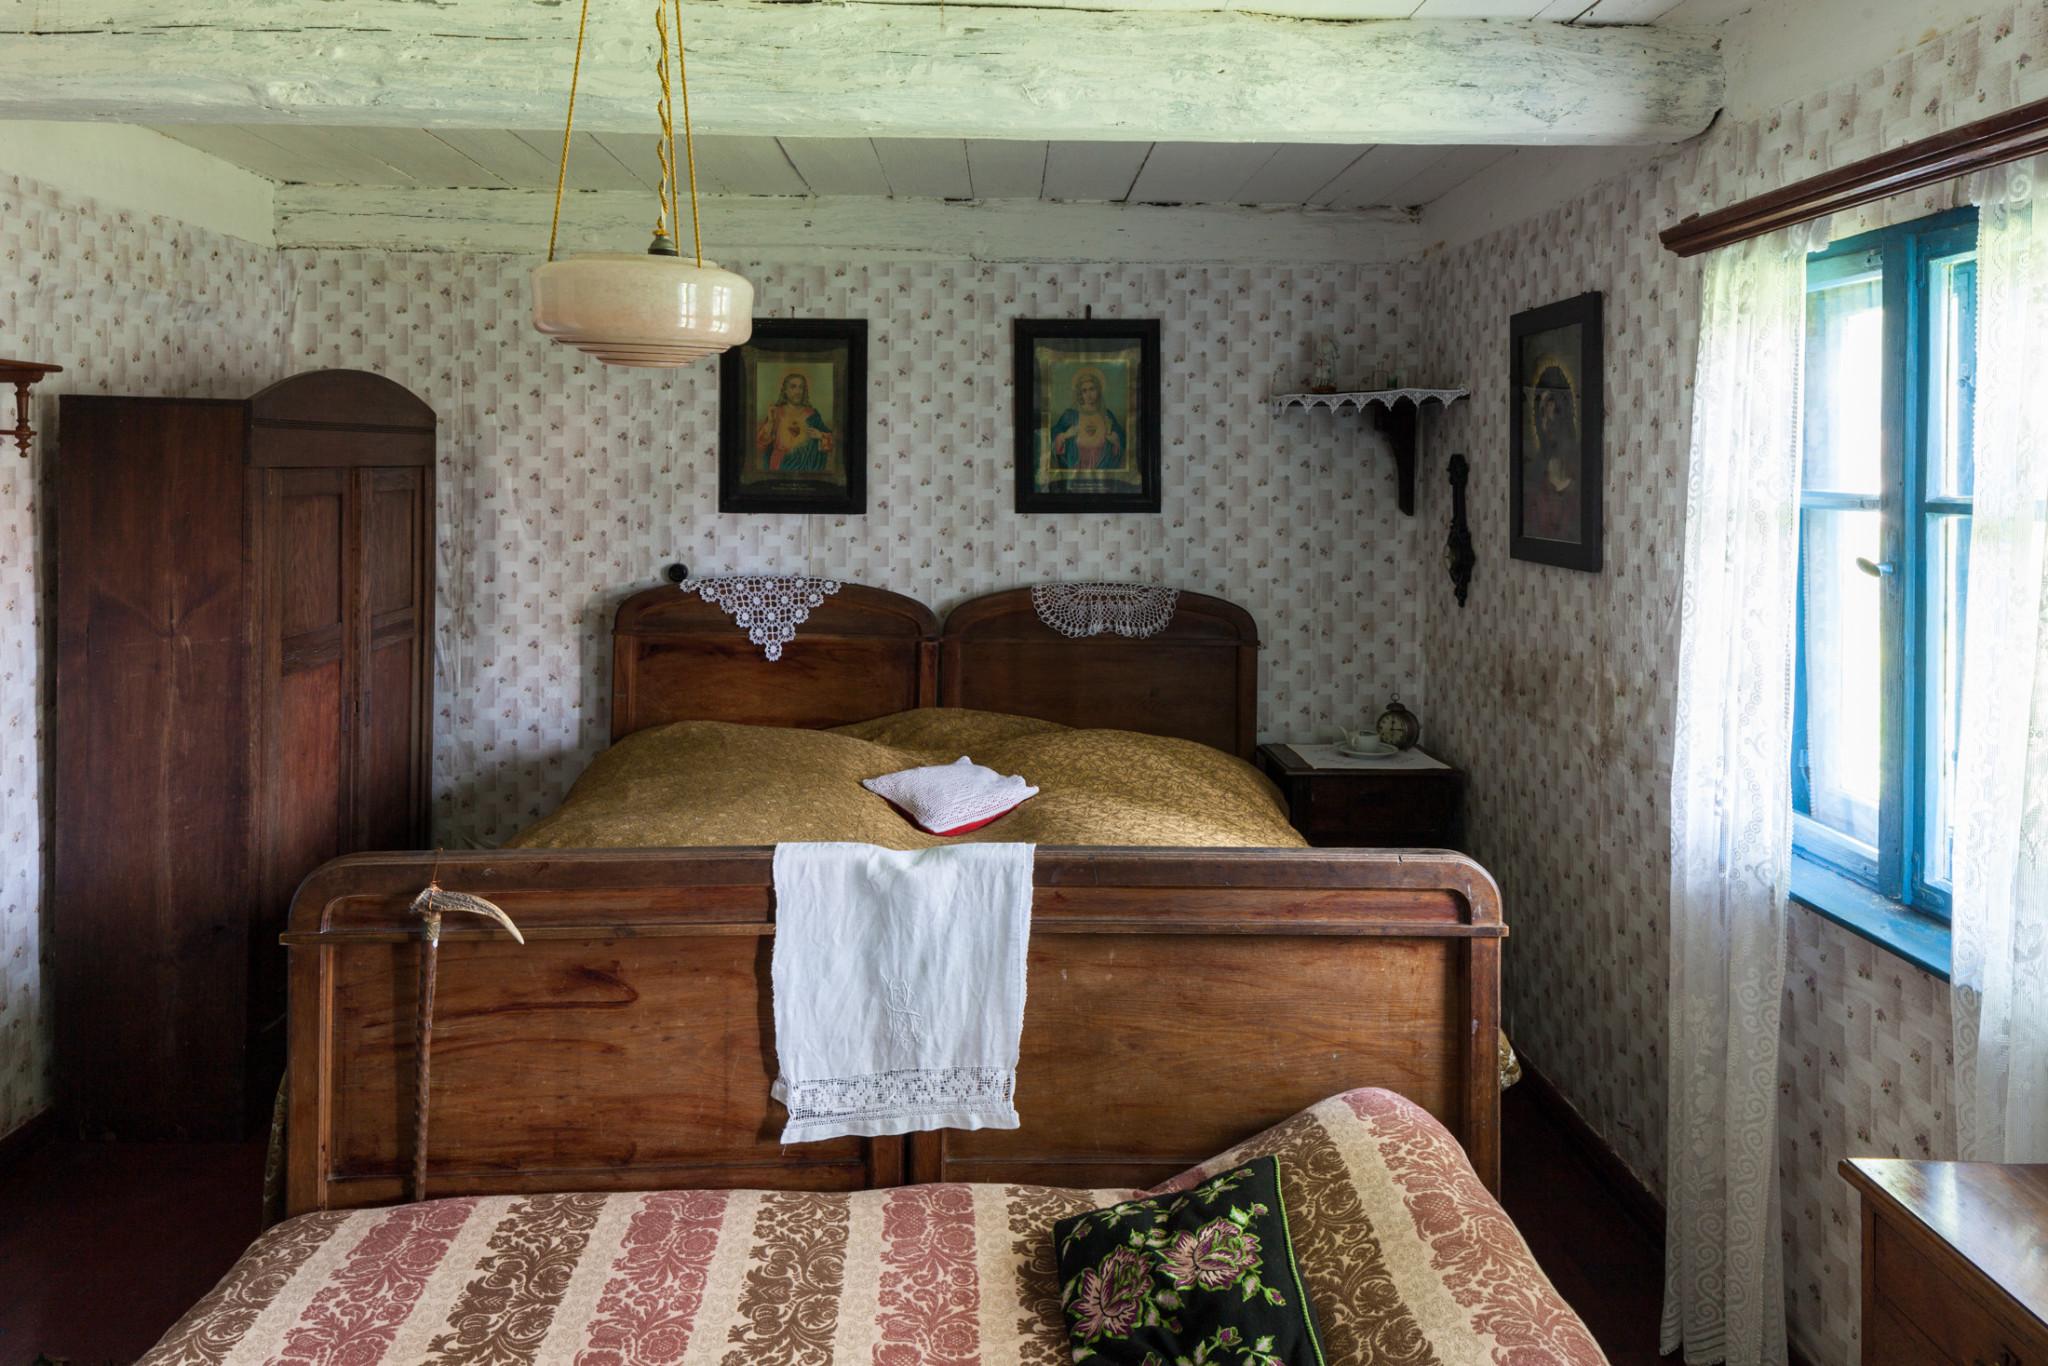 Sypialnia Keitschicków.